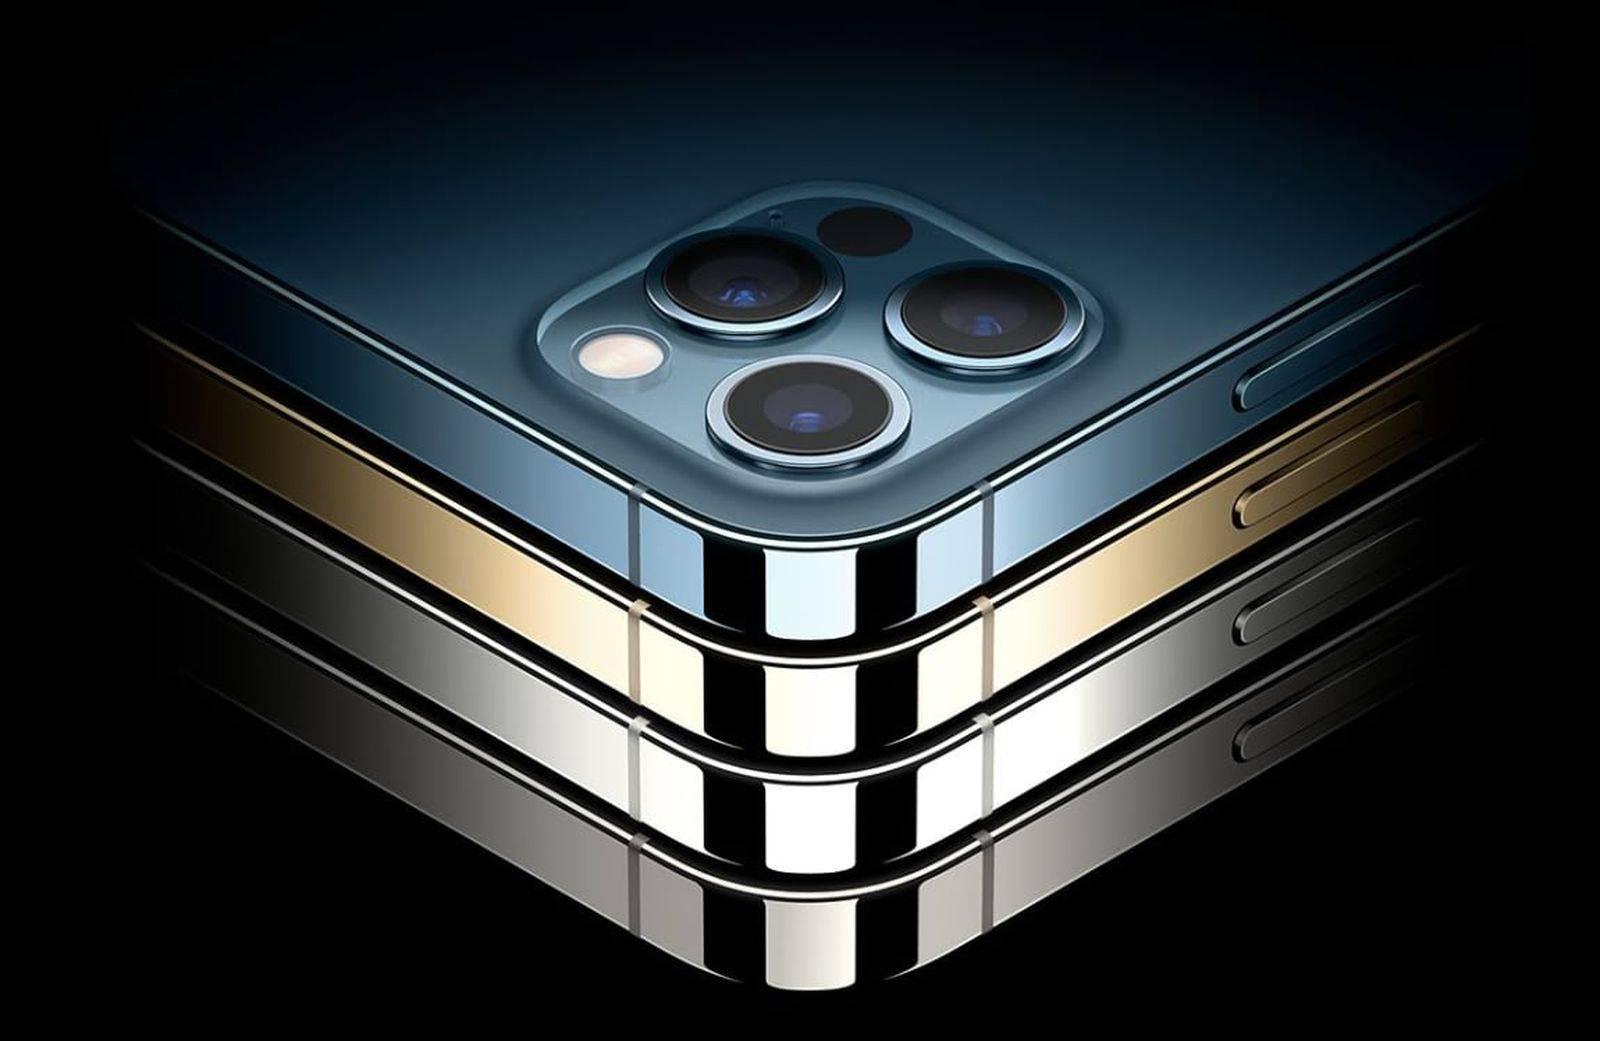 澎湃新闻:iPhone 13 即将在富士康深圳厂区打样